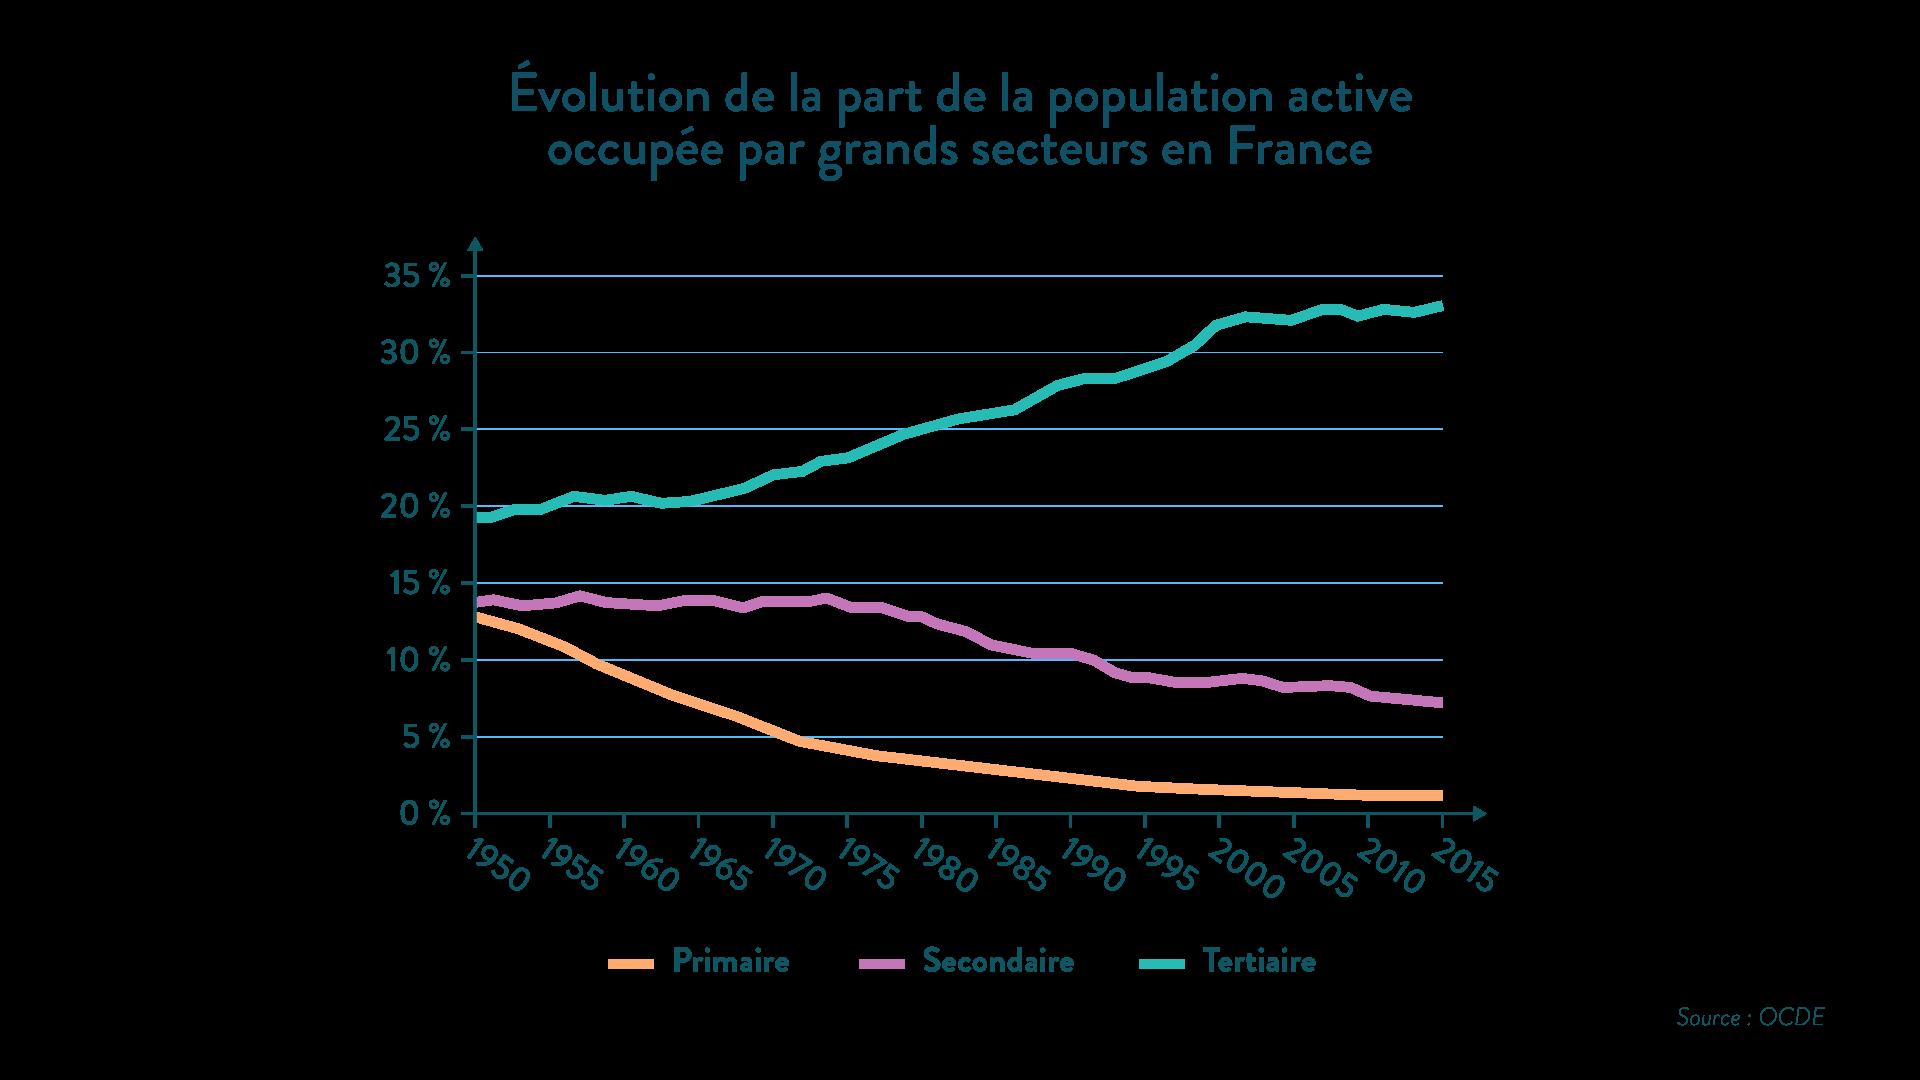 Évolution de la part de la population active occupée par grands secteurs